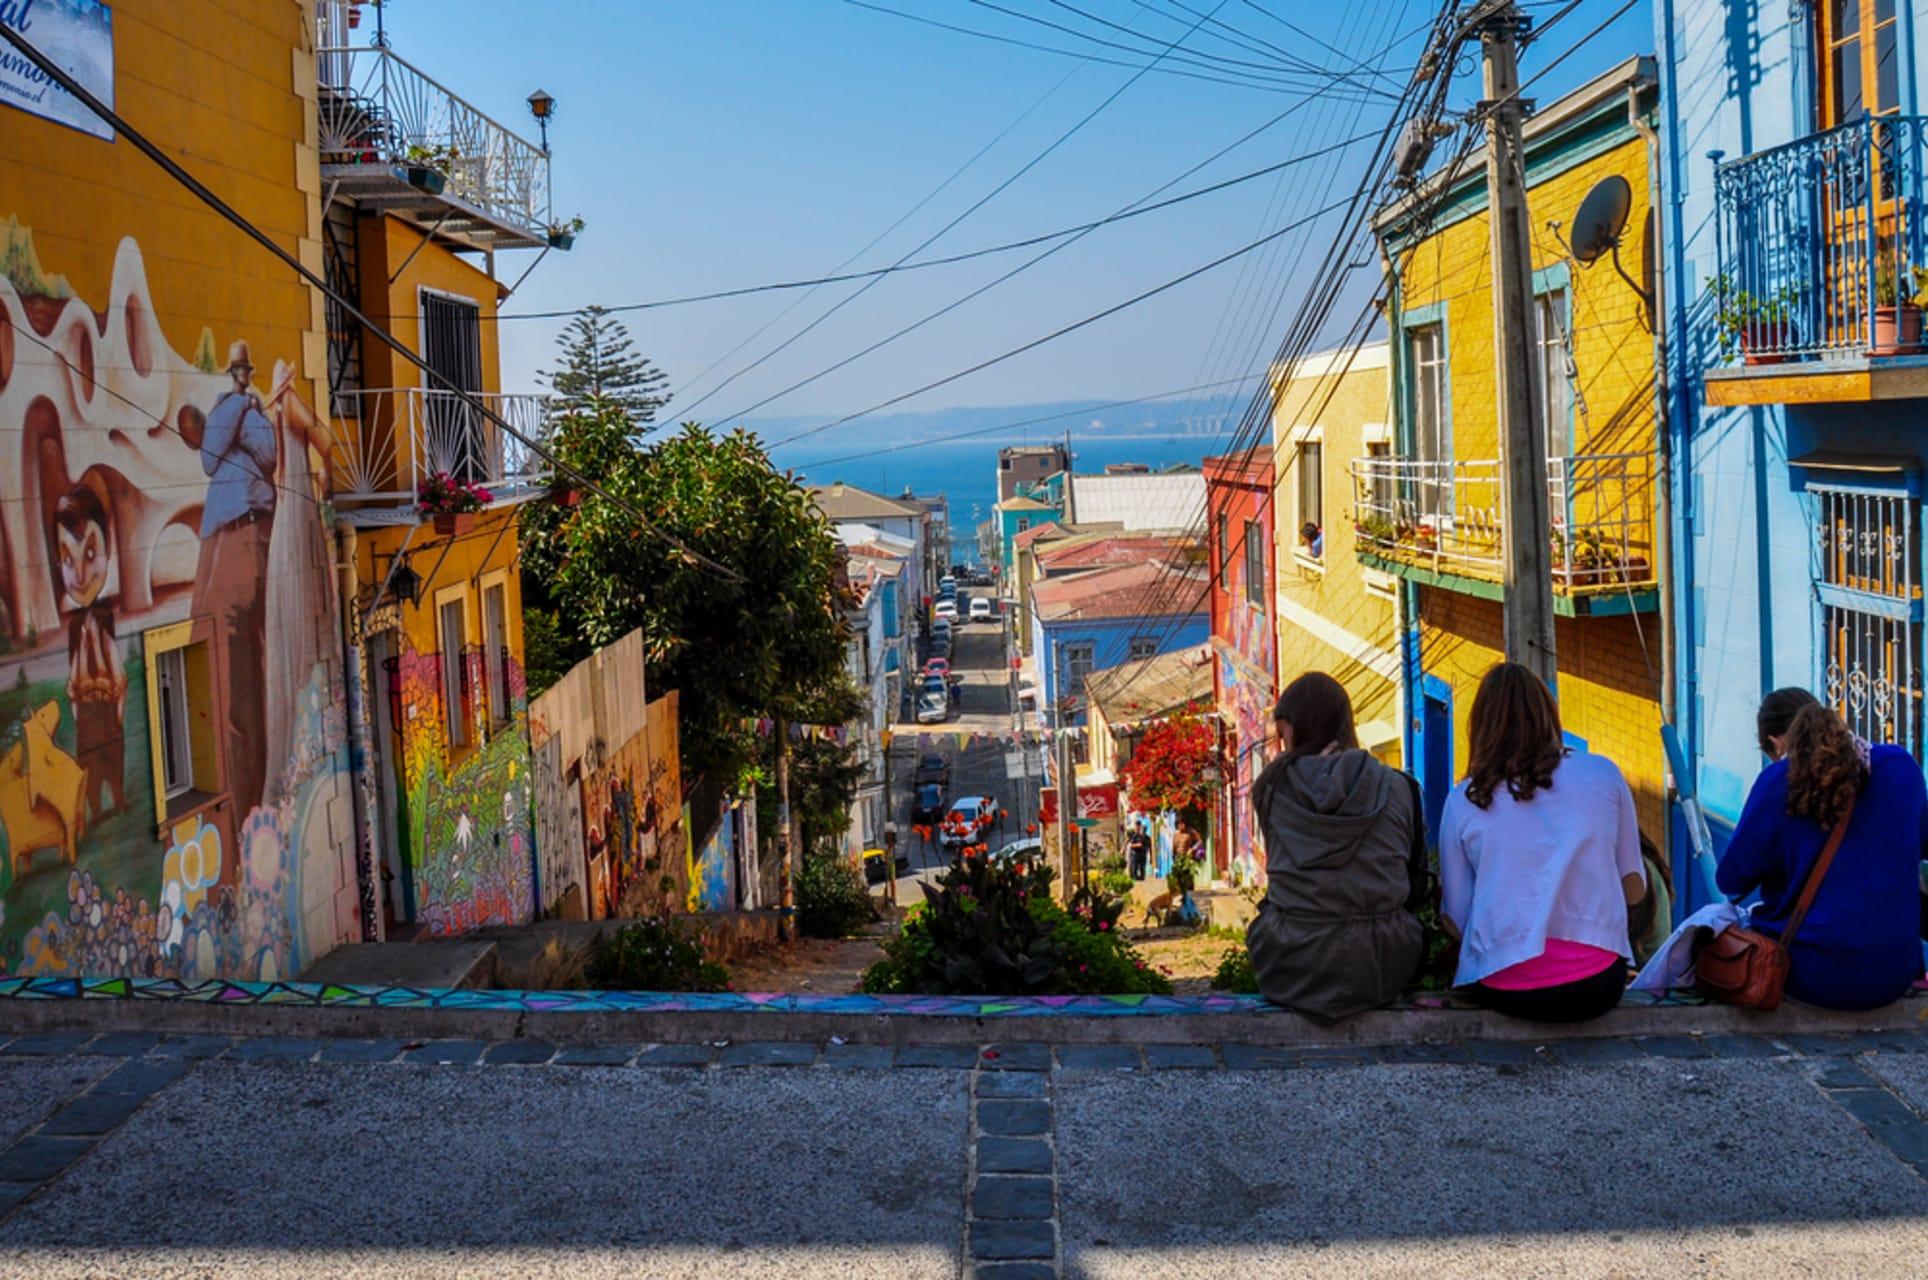 Valparaiso - Valparaíso, the Jewel of Pacific